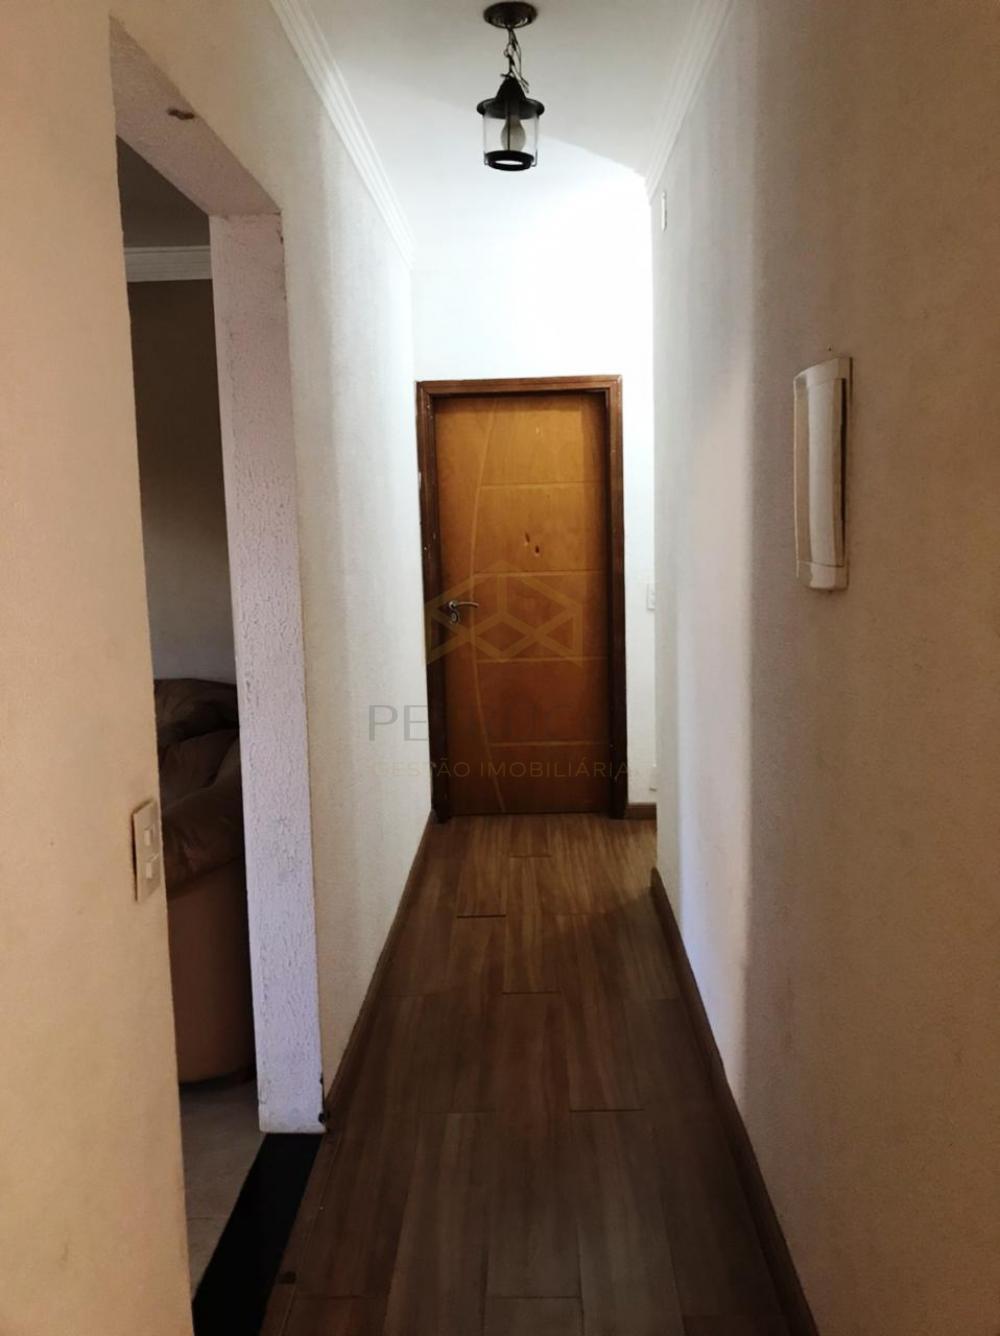 Alugar Casa / Sobrado em Condomínio em Campinas R$ 7.500,00 - Foto 31